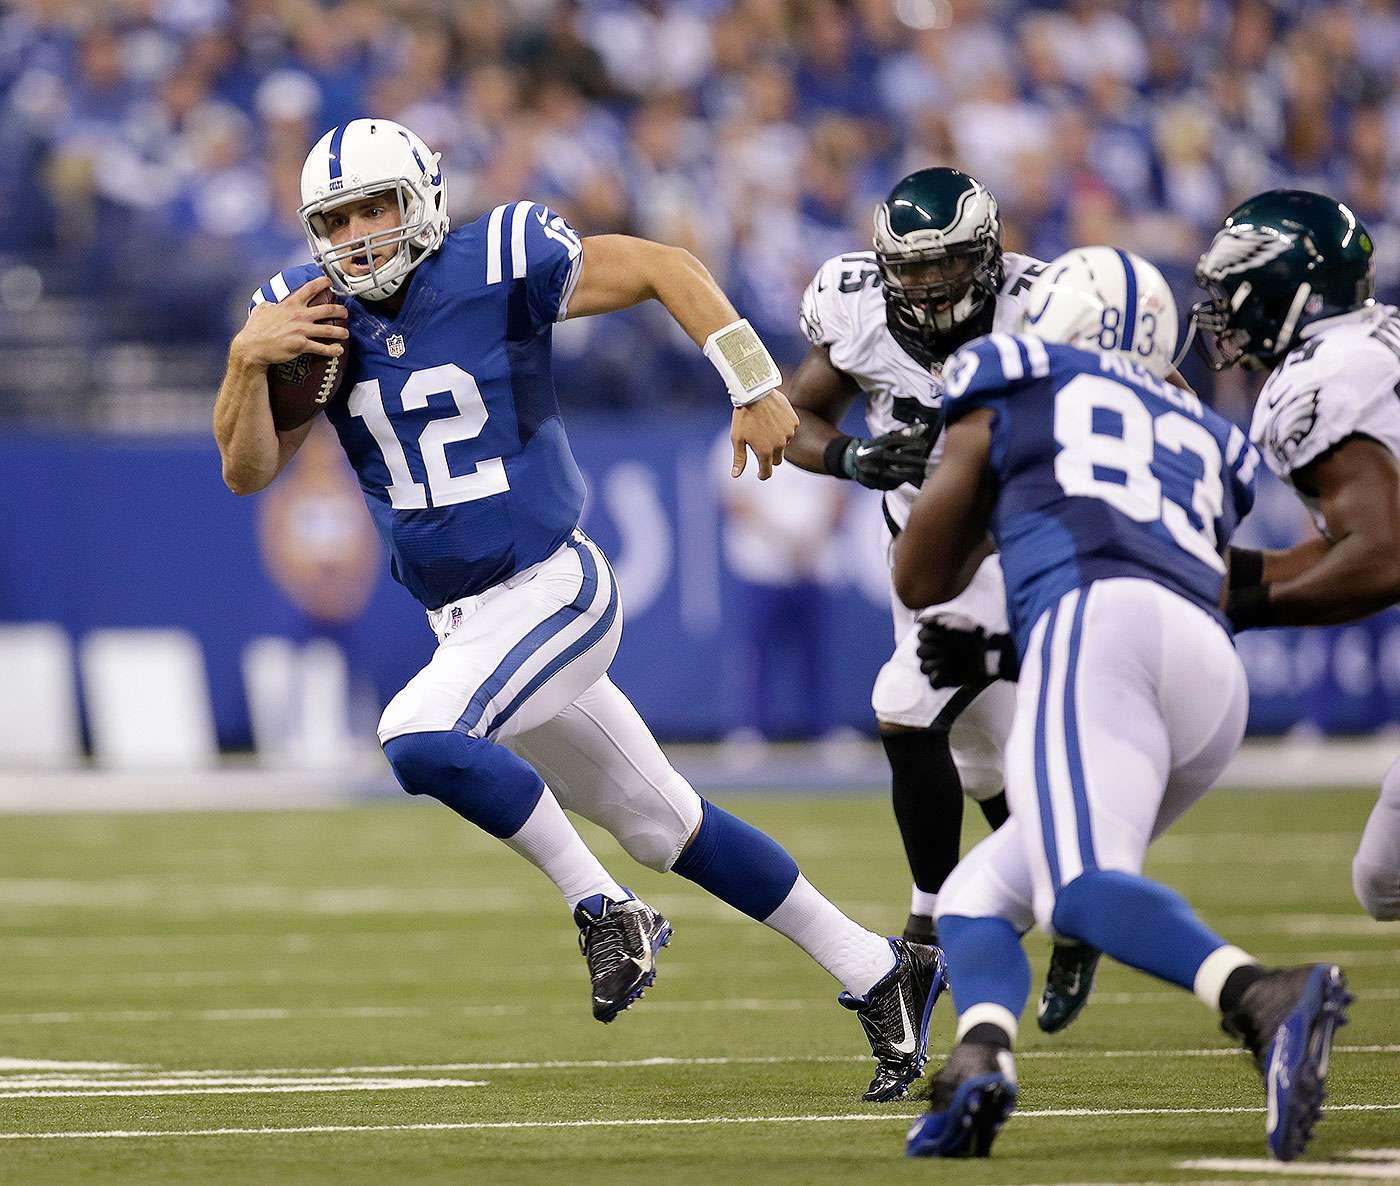 Con un gol de campo de 36 yardas del novato Cody Parkey, los Philadelphia Eagles remontaron una desventaja de 14 puntos al medio tiempo para derrotar 30-27 a los Indianapolis Colts en el cierre de la semana 2 de la NFL 2014. Foto: AP